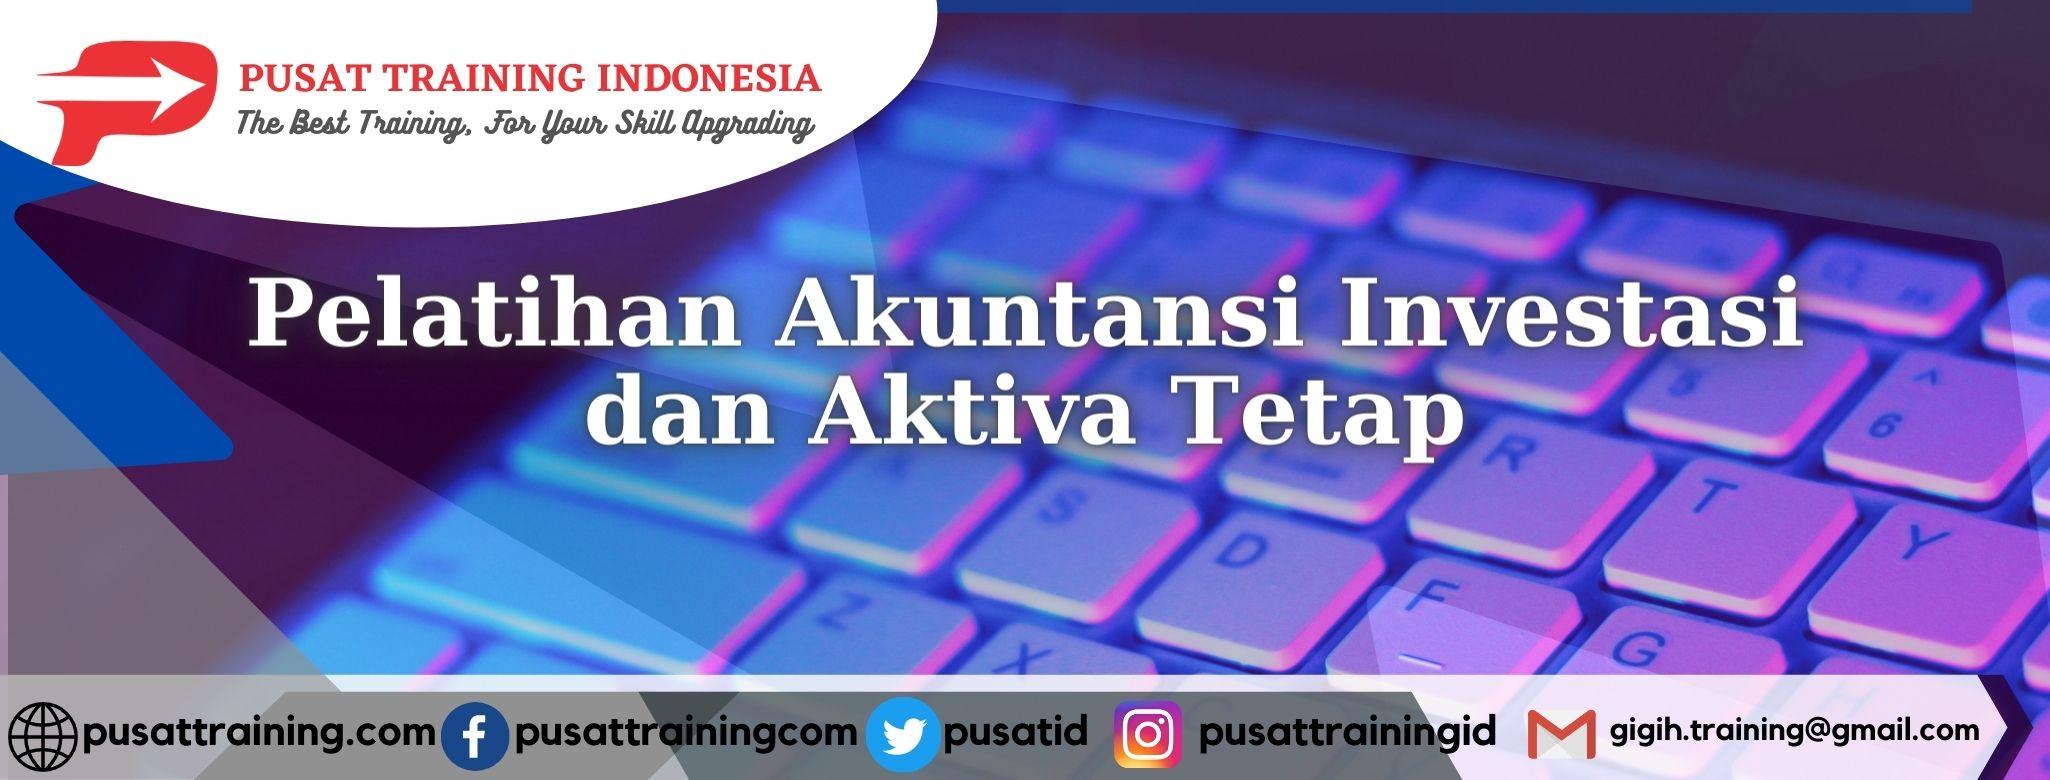 Pelatihan-Akuntansi-Investasi-dan-Aktiva-Tetap